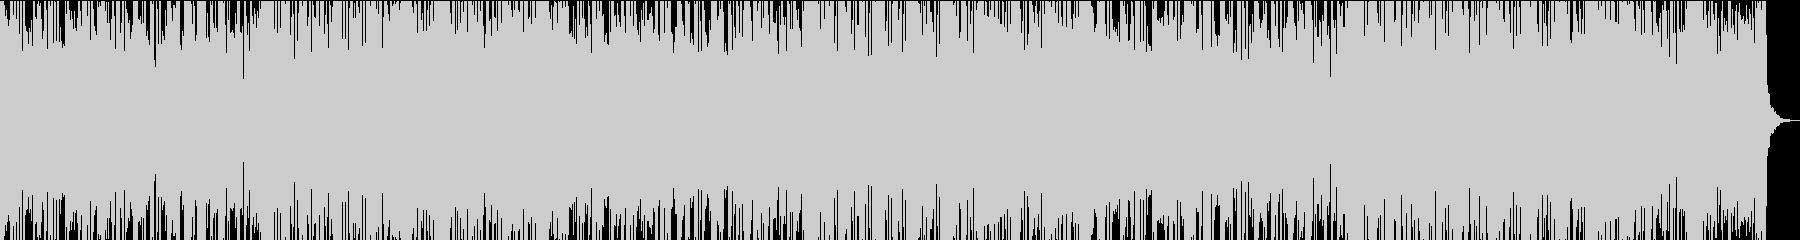 30秒でサビ、電子音さわやか/カラオケの未再生の波形